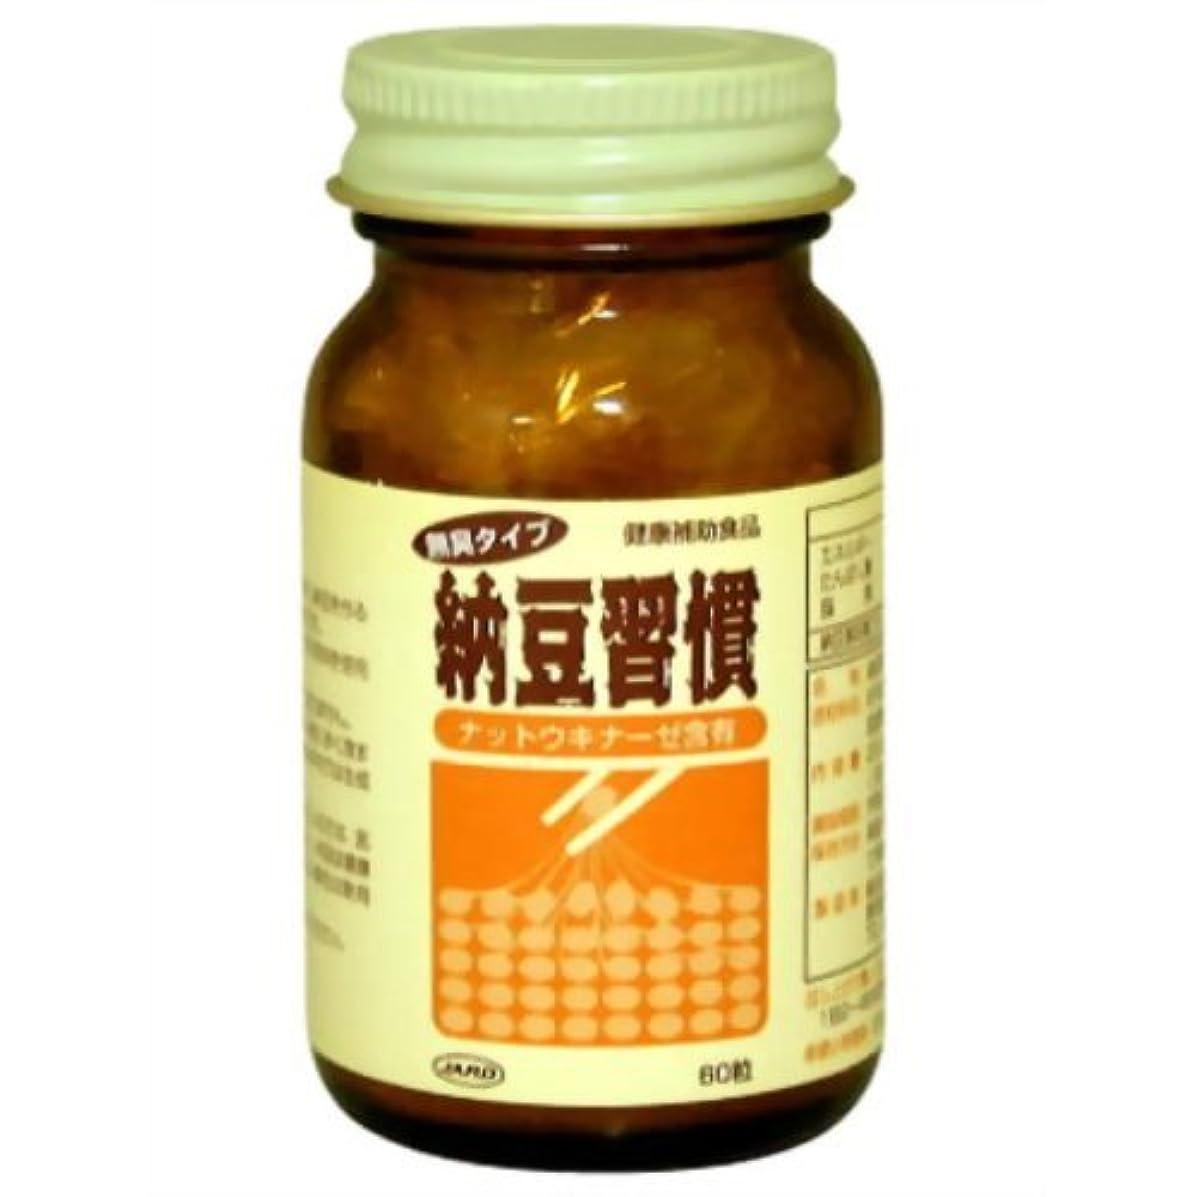 完璧な軽蔑する学生納豆習慣 ナットウキナーゼ含有